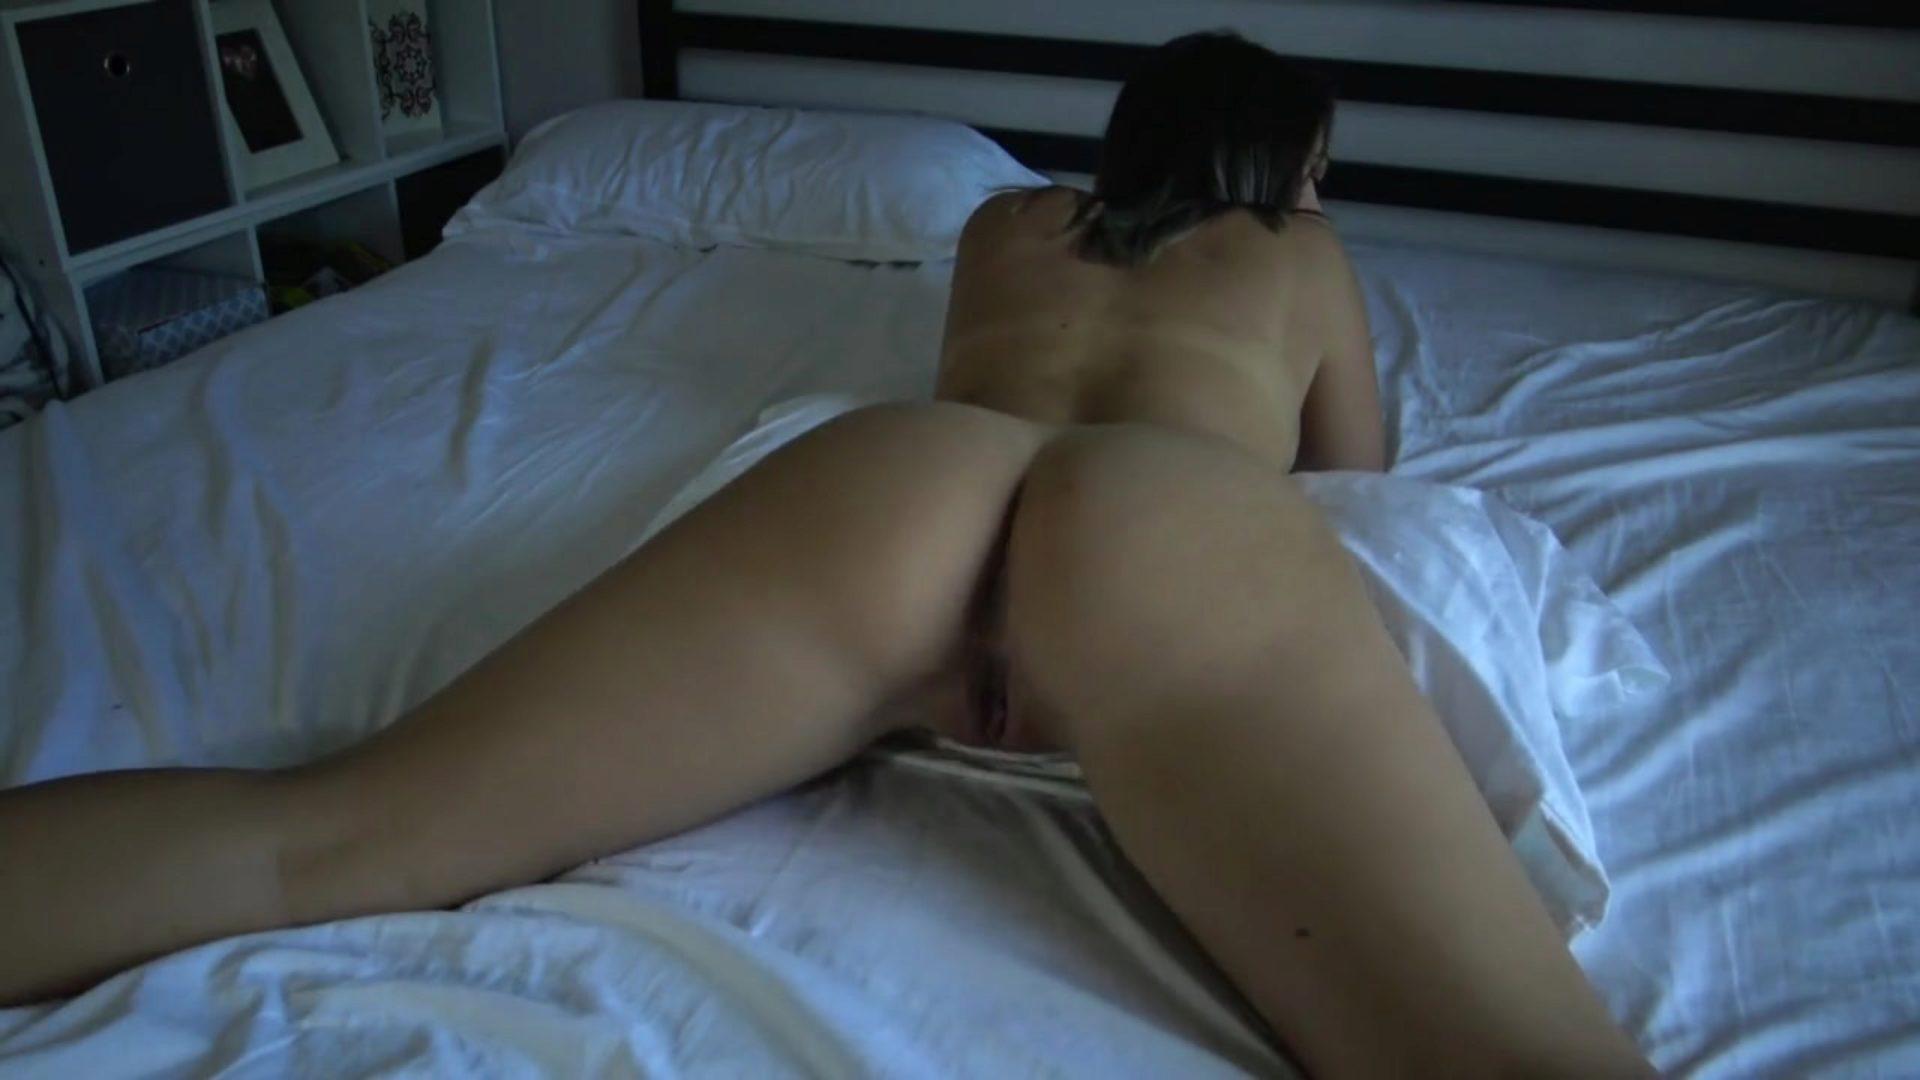 無料の兄と妹の近親相姦セックス動画 - Nude Clap